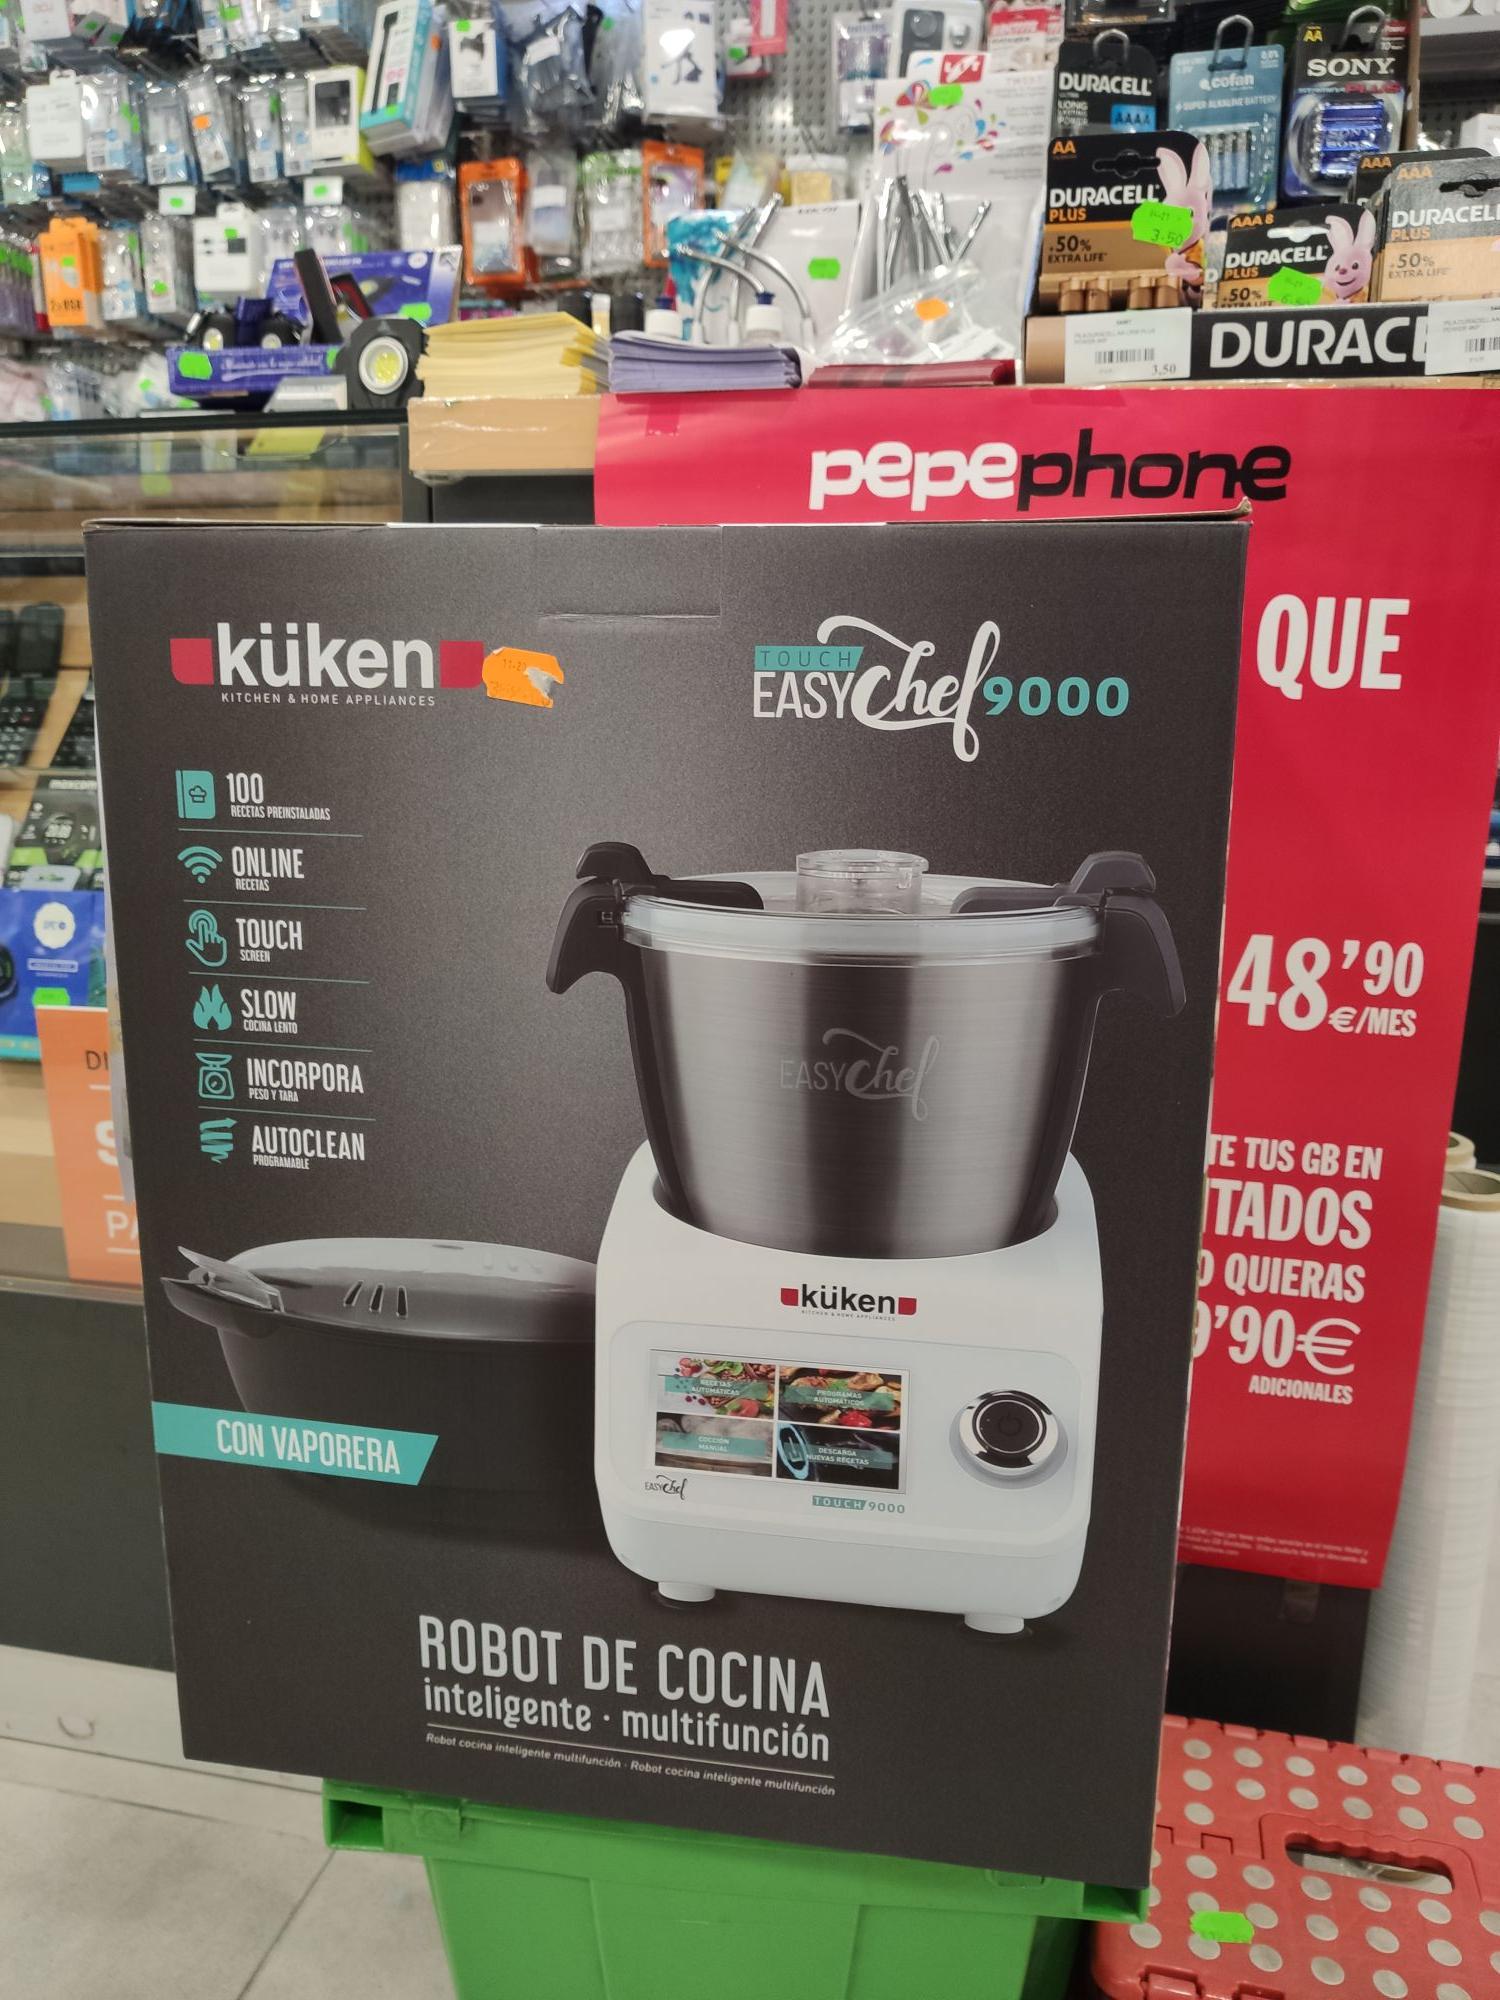 Robot de cocina similar a Monsieur Cuisine